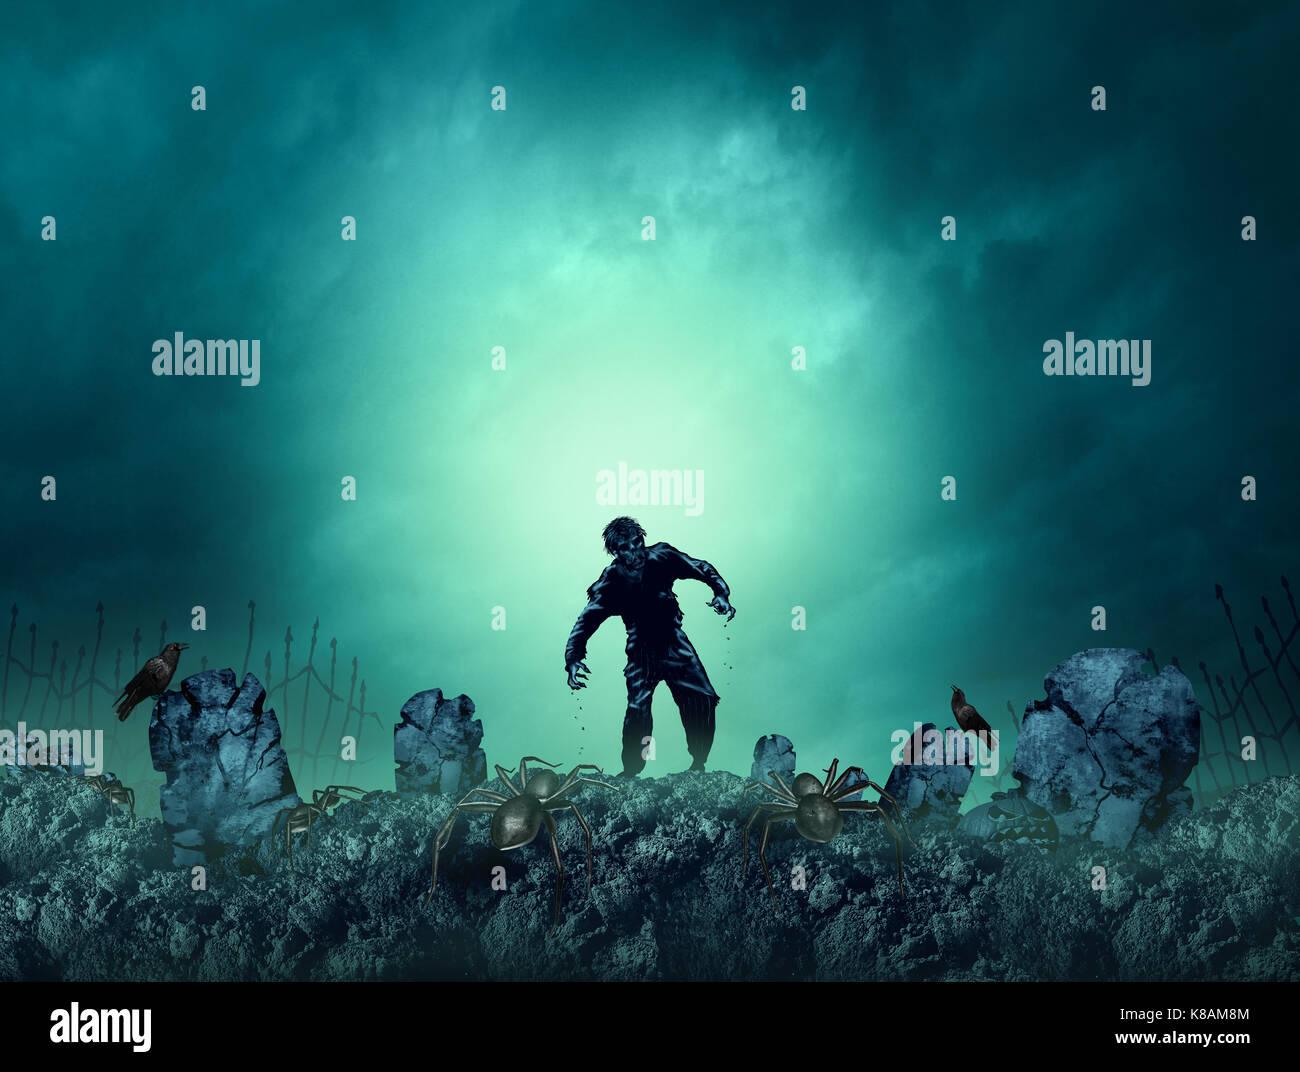 Tomba di zombie halloween background come creepy mostro a piedi in un'area vuota per il testo come un morto spooky Foto Stock